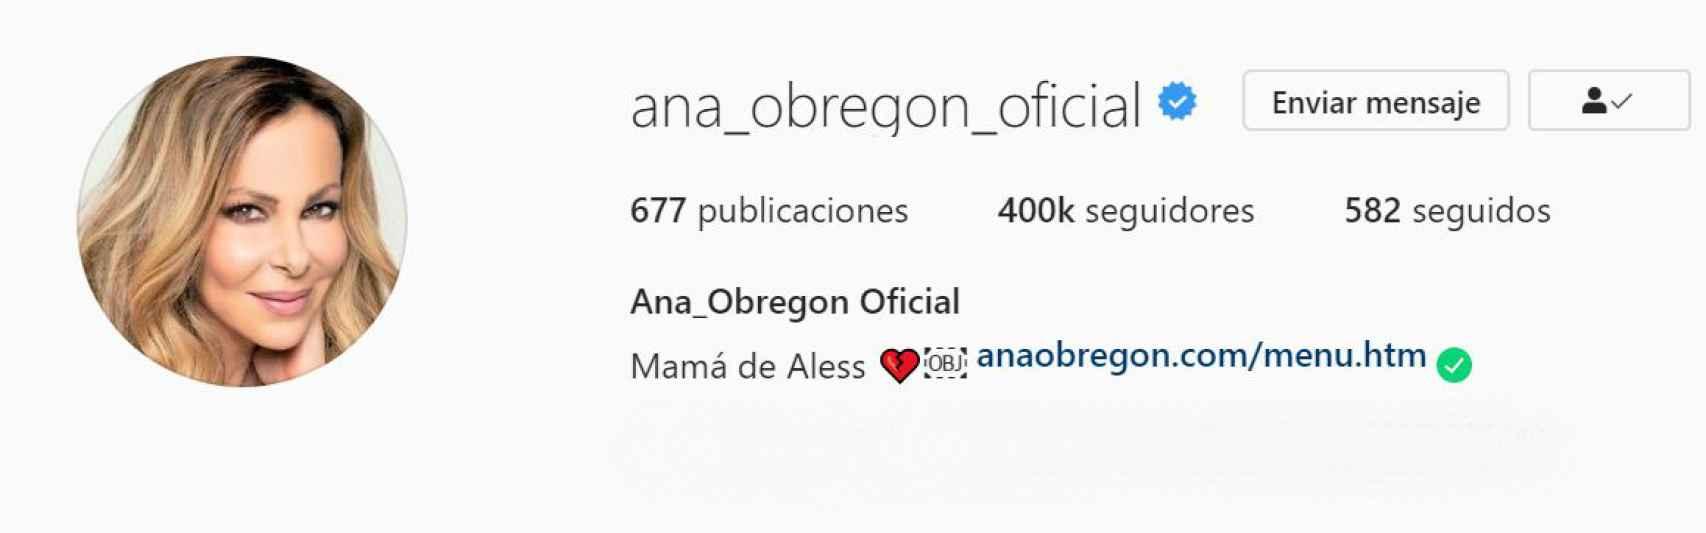 Captura de la nueva biografía de Ana Obregón en su perfil de Instagram.